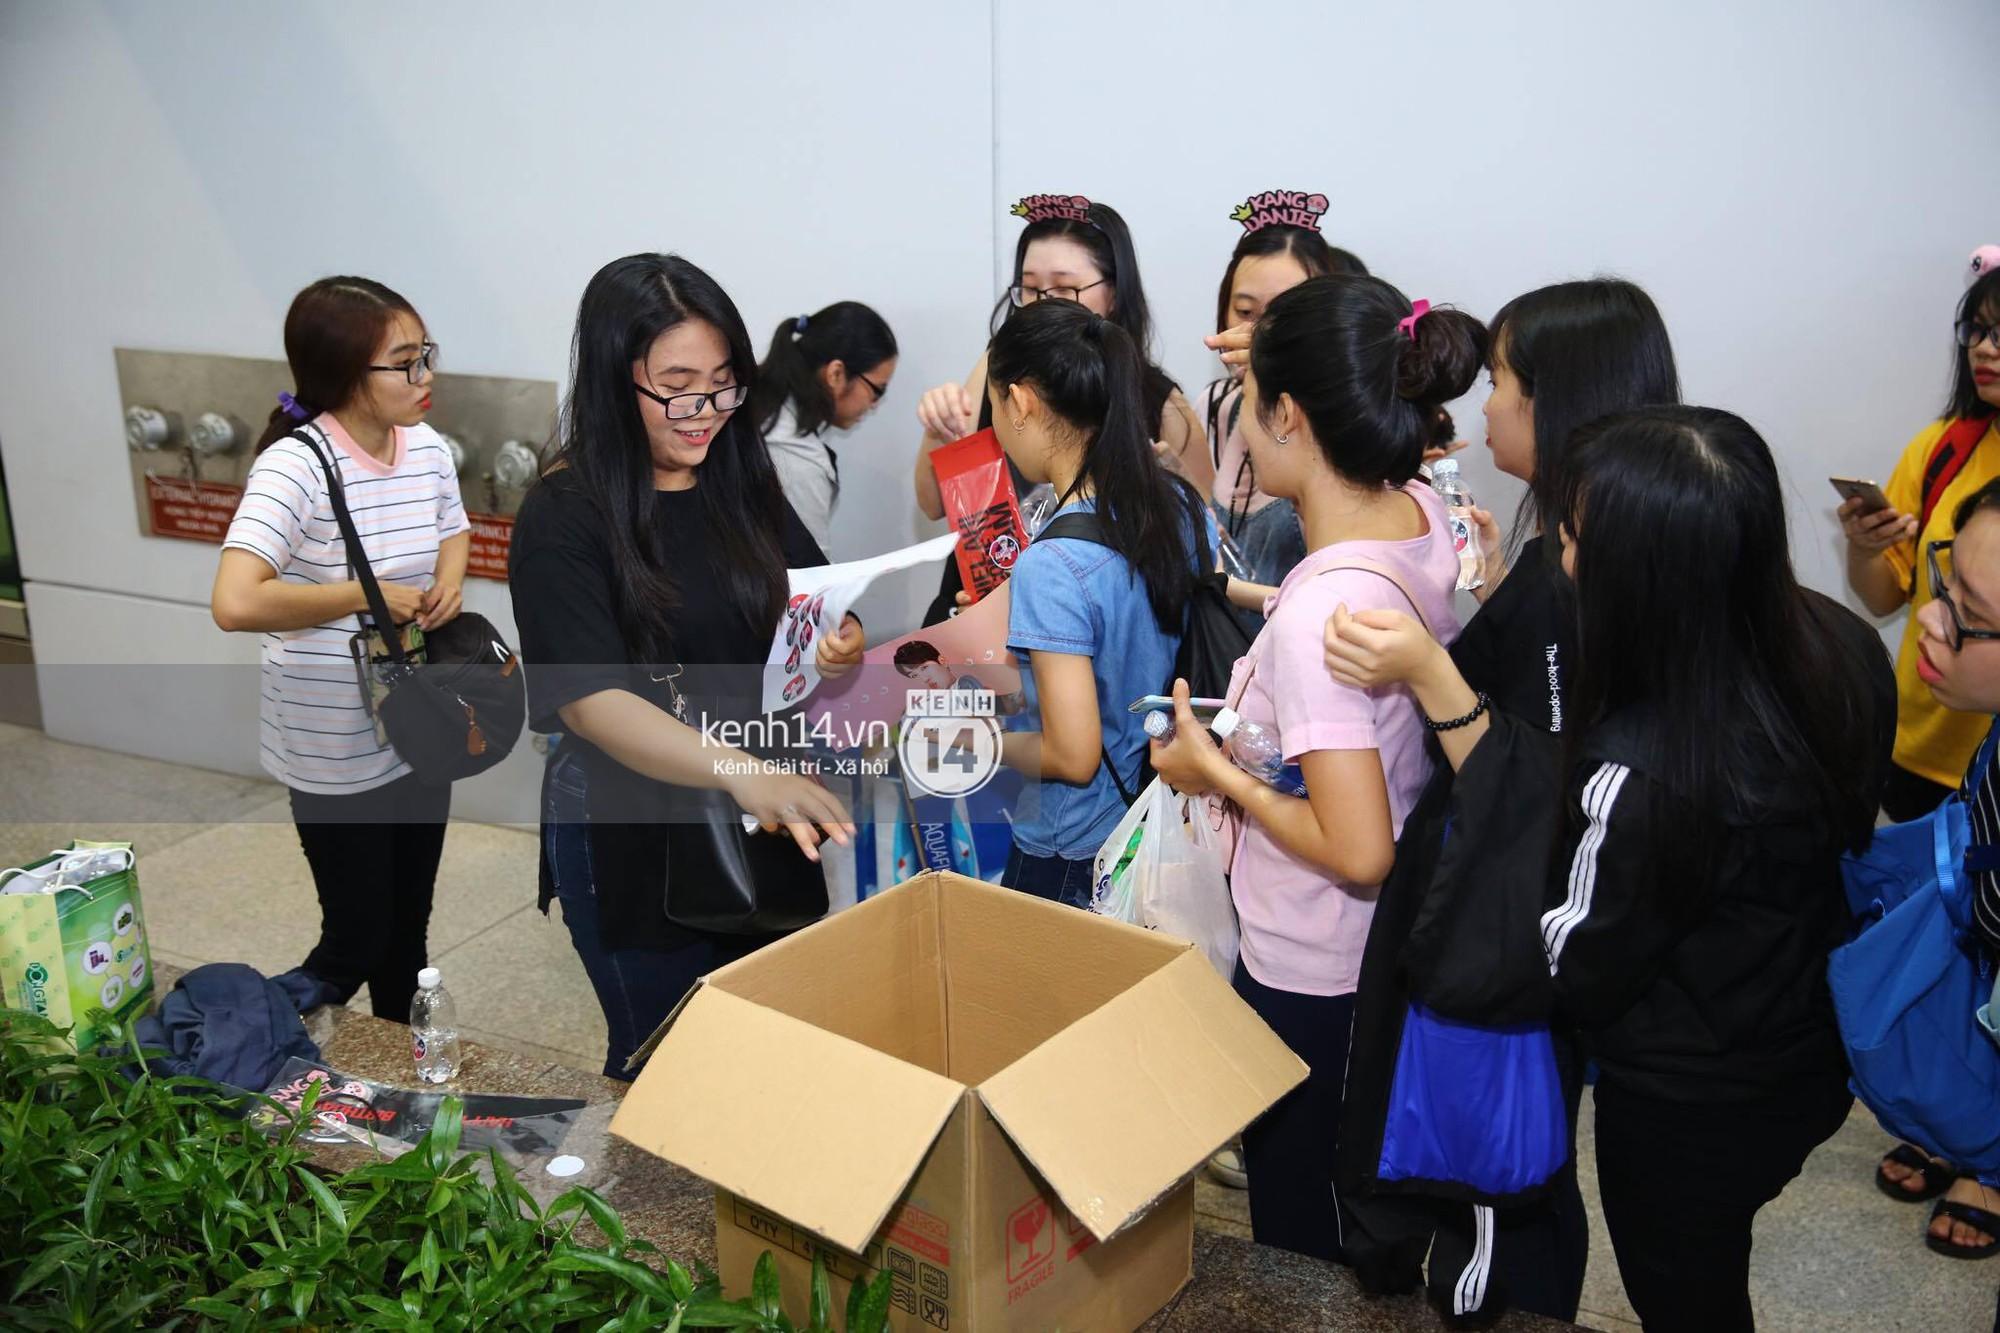 Fan Việt chiếm đóng nửa sân bay Tân Sơn Nhất chỉ để đón chờ WANNA ONE - Ảnh 10.